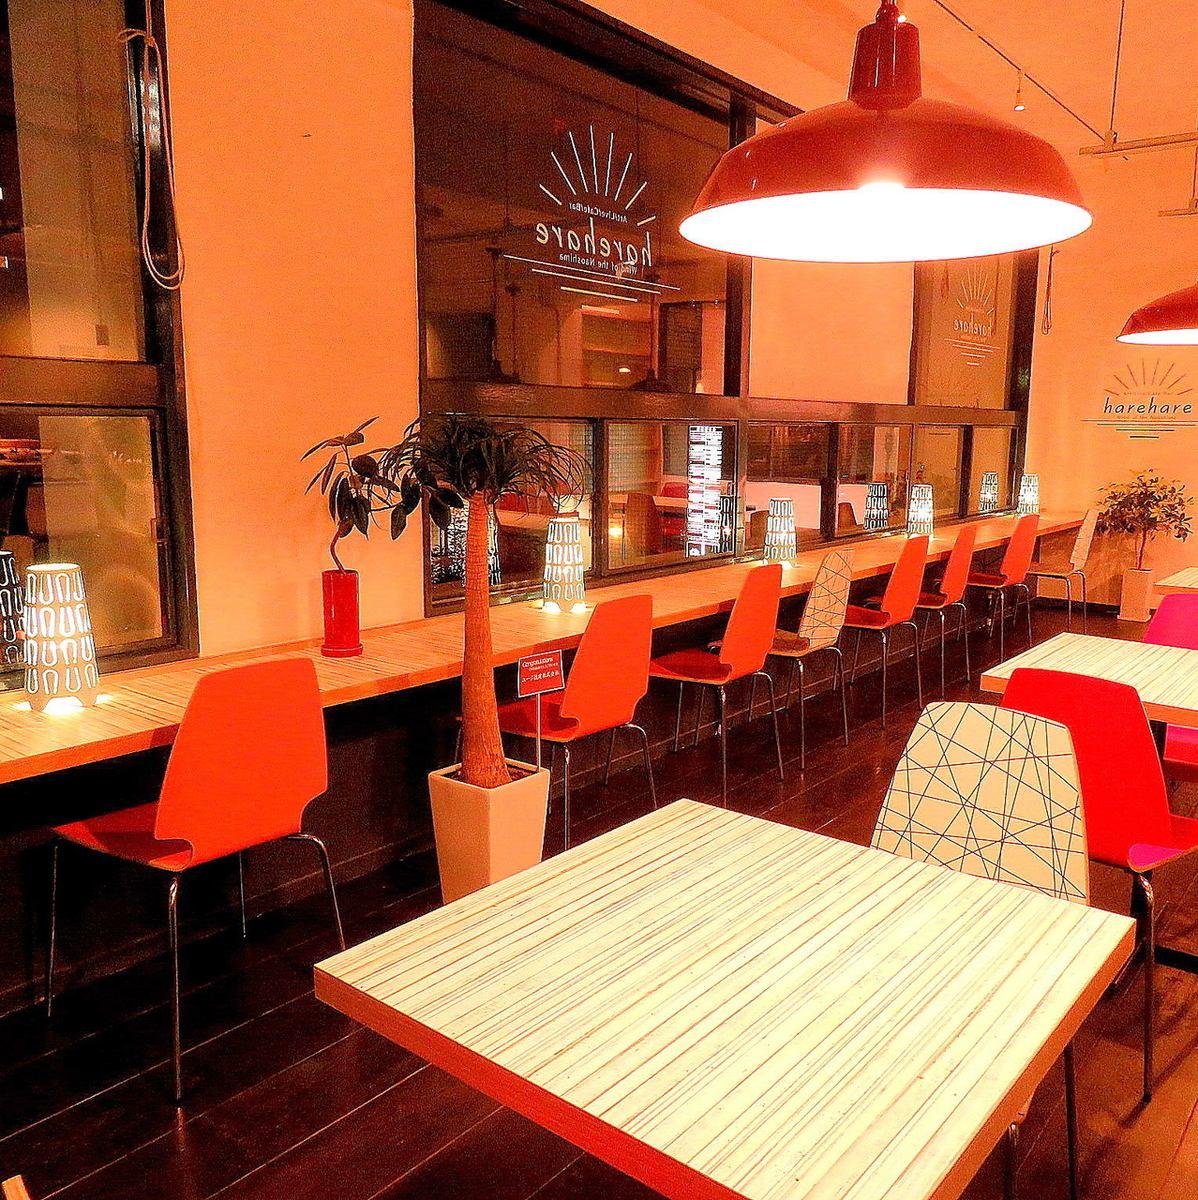 咖啡廳♪日本牛肉橄欖牛還建議,隨時在時尚咖啡廳享受食材的瀨戶內海